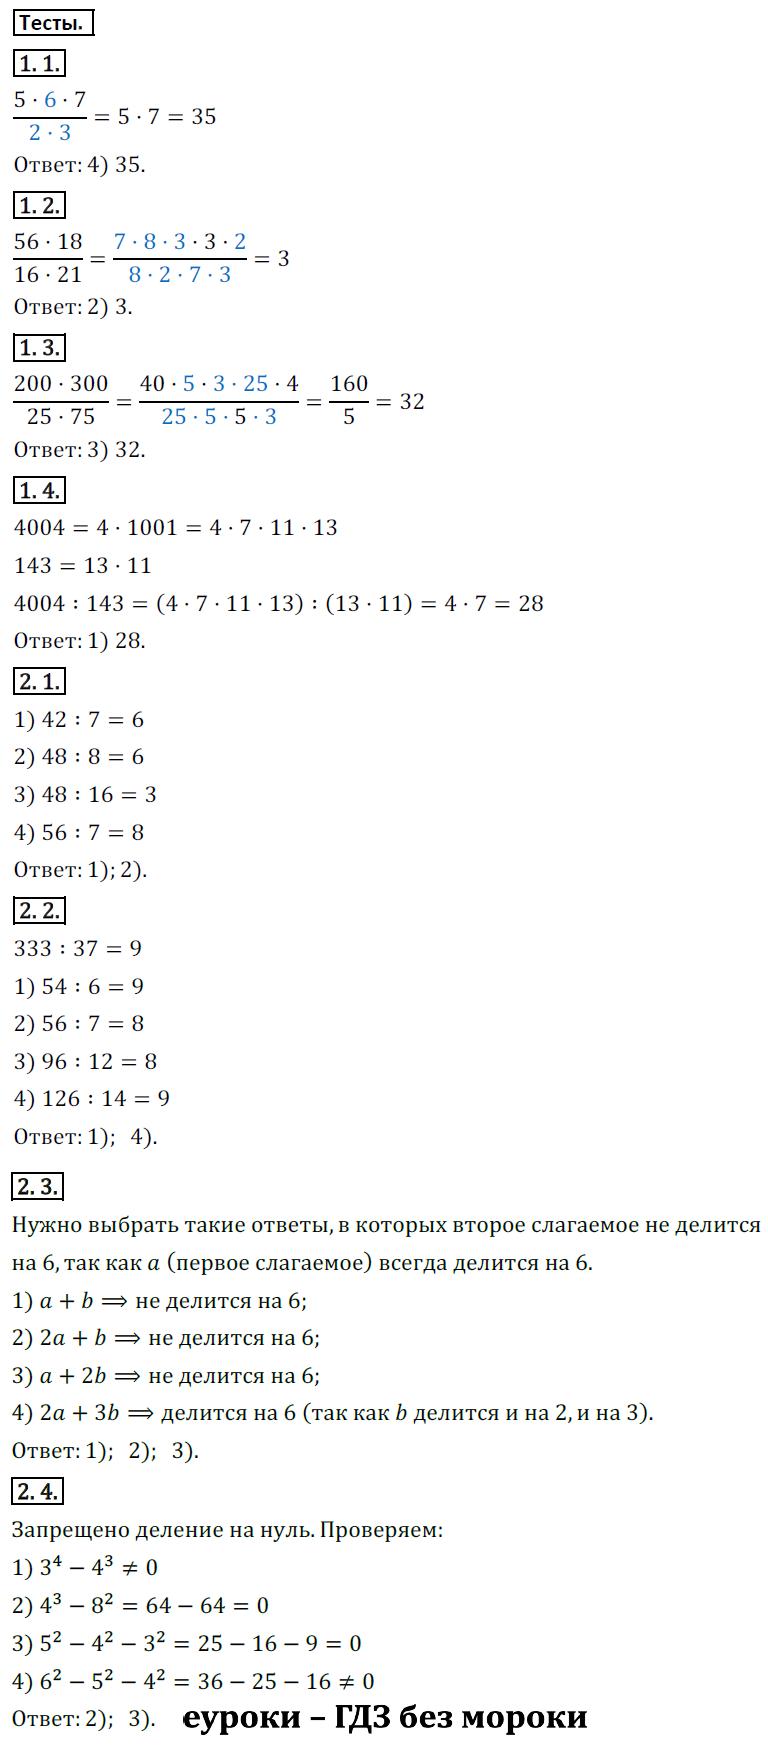 ГДЗ по математике 5 класс Козлов, Никитин Русское Слово ответы и решения онлайн Глава 9. Деление натуральных чисел, §1. Задание: Тесты